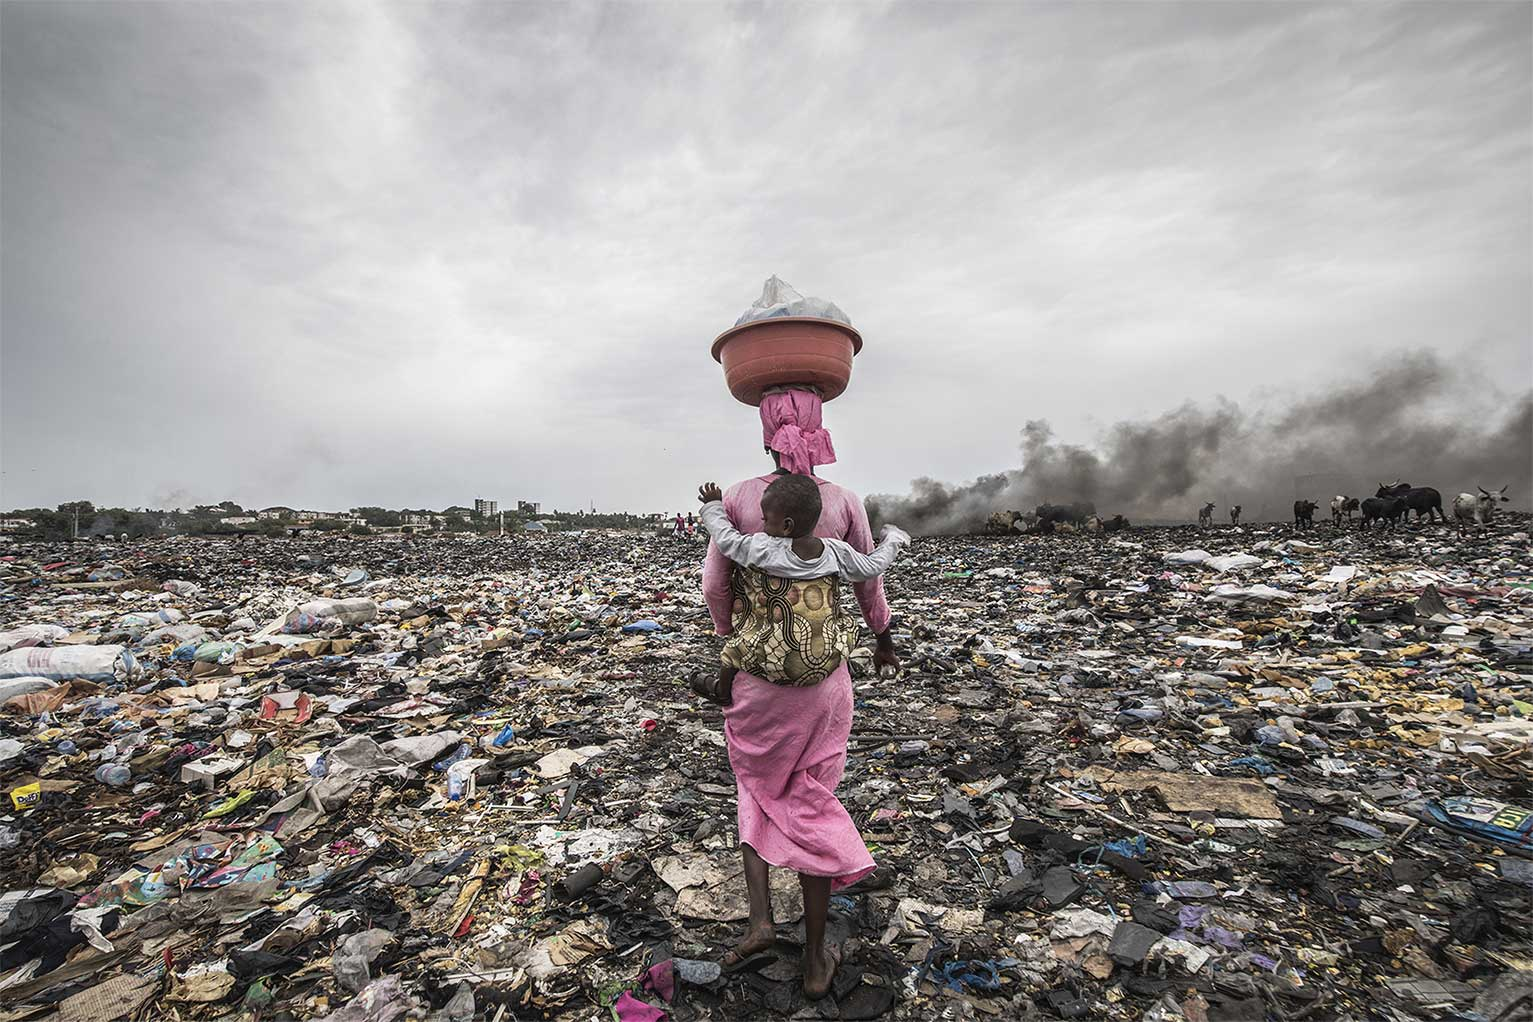 Donna nella discarica di rifiuti elettrici di Agbobloshie. Reportage fotografico sull'energia in Africa.